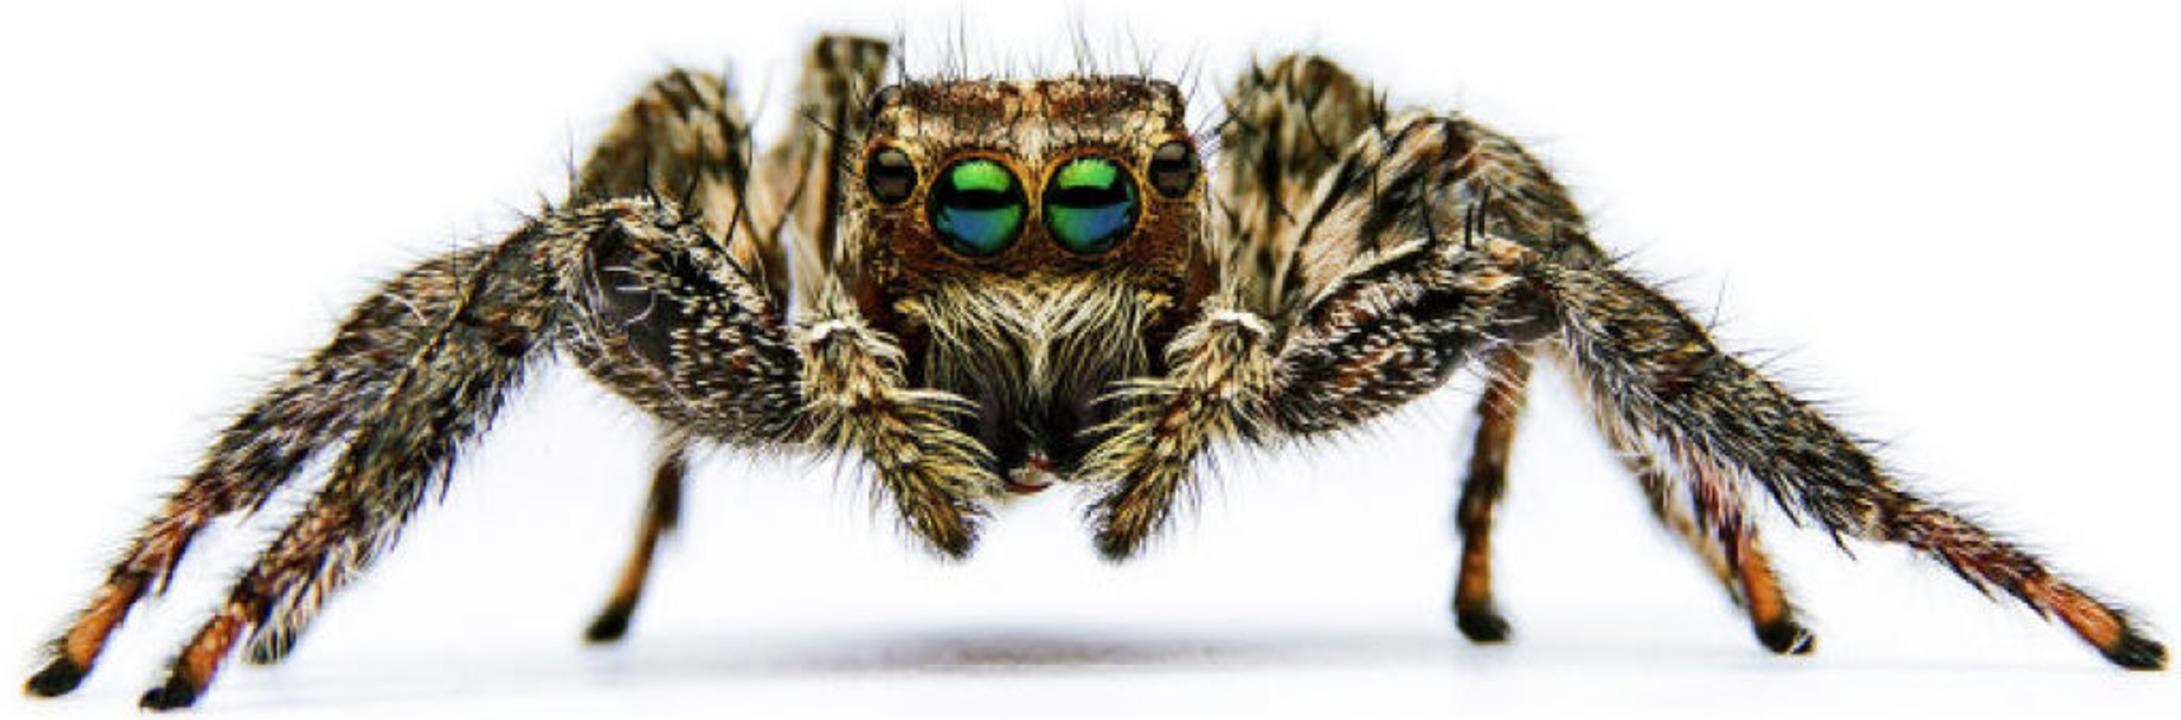 Albtraum jedes Spinnenphobikers: eine ...eide spinnt  sie Eikokons statt Netze.  | Foto: pichit1422  (stock.adobe.com)